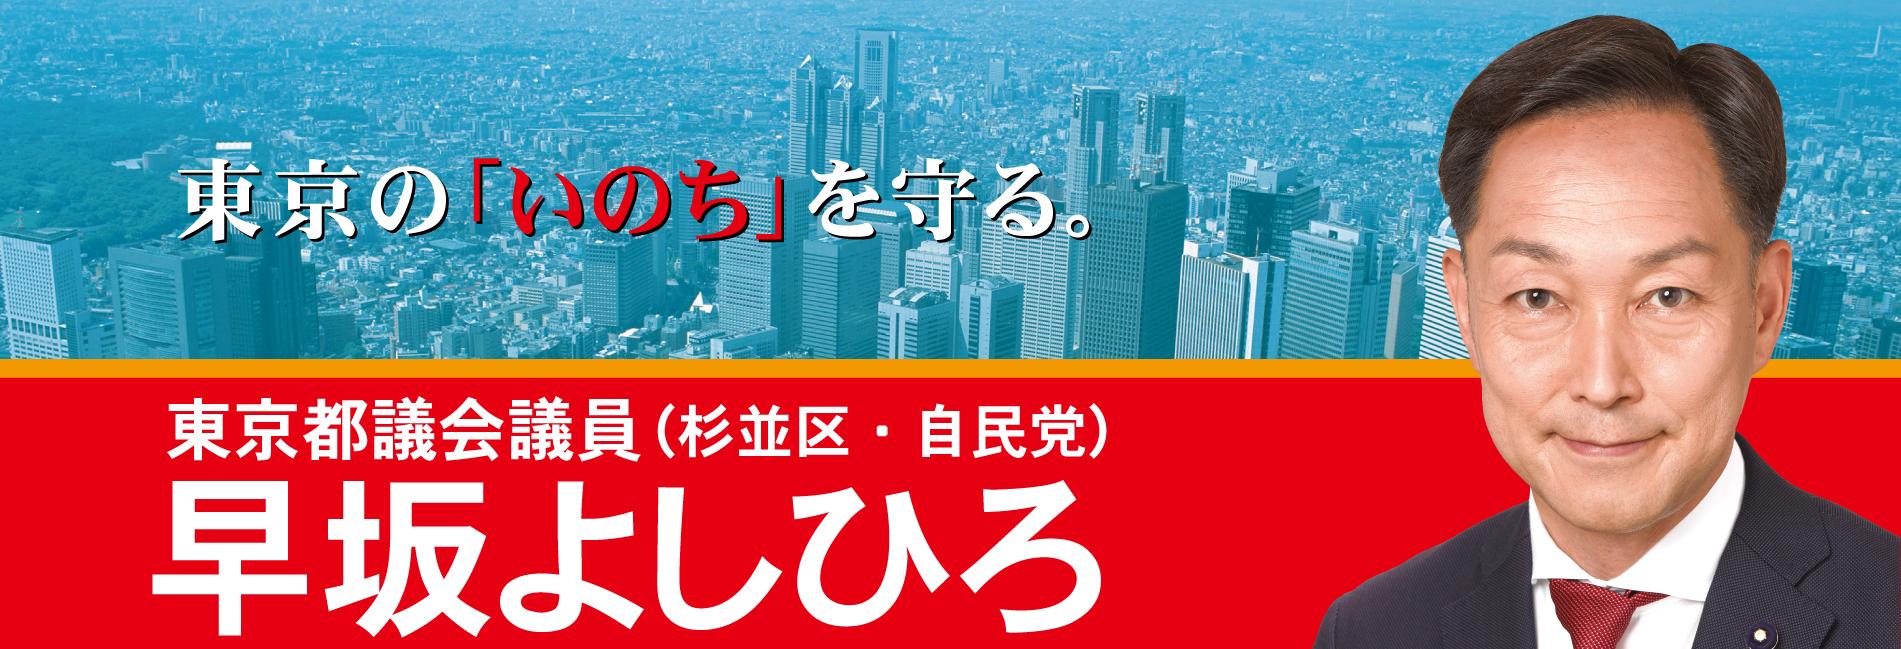 東京都議会議員 早坂よしひろ(杉並区・自民党) OFFICIAL WEBSITE